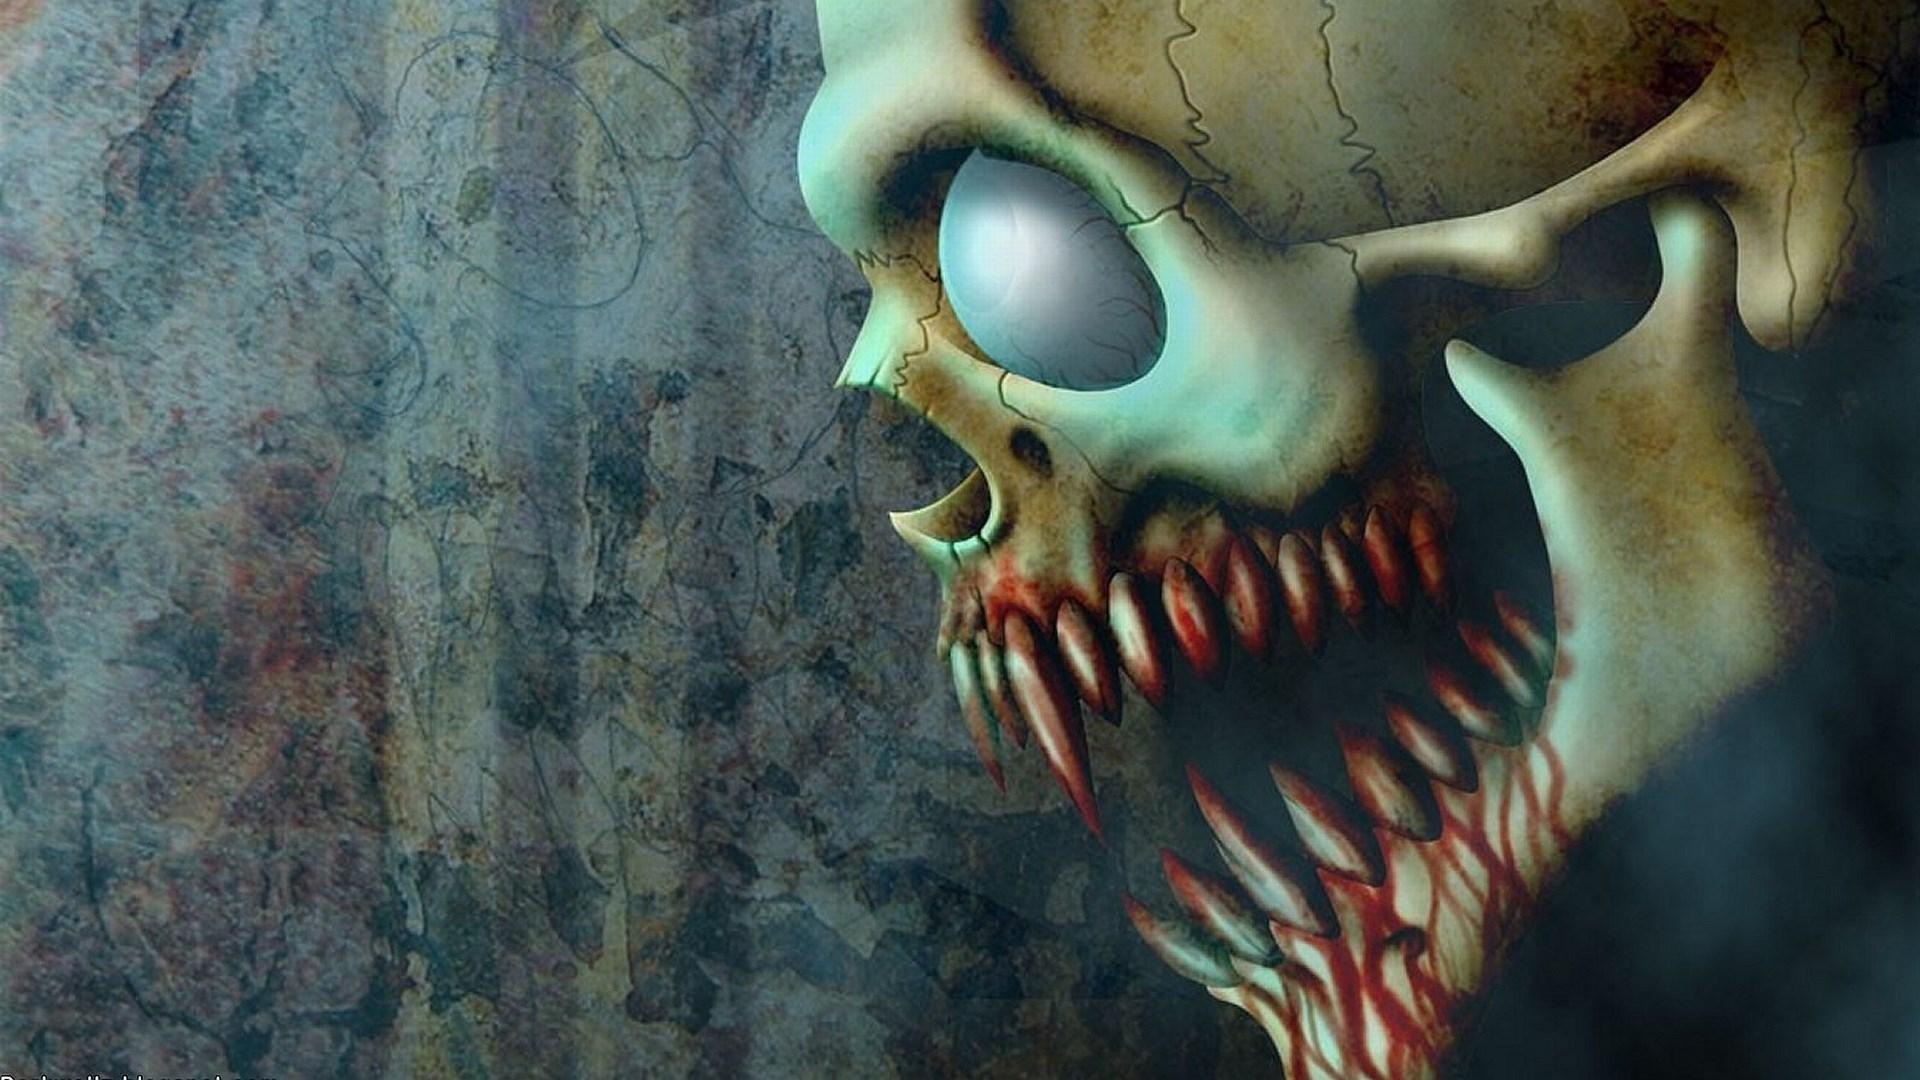 scary-skull-free-wallpaper-wp6401550